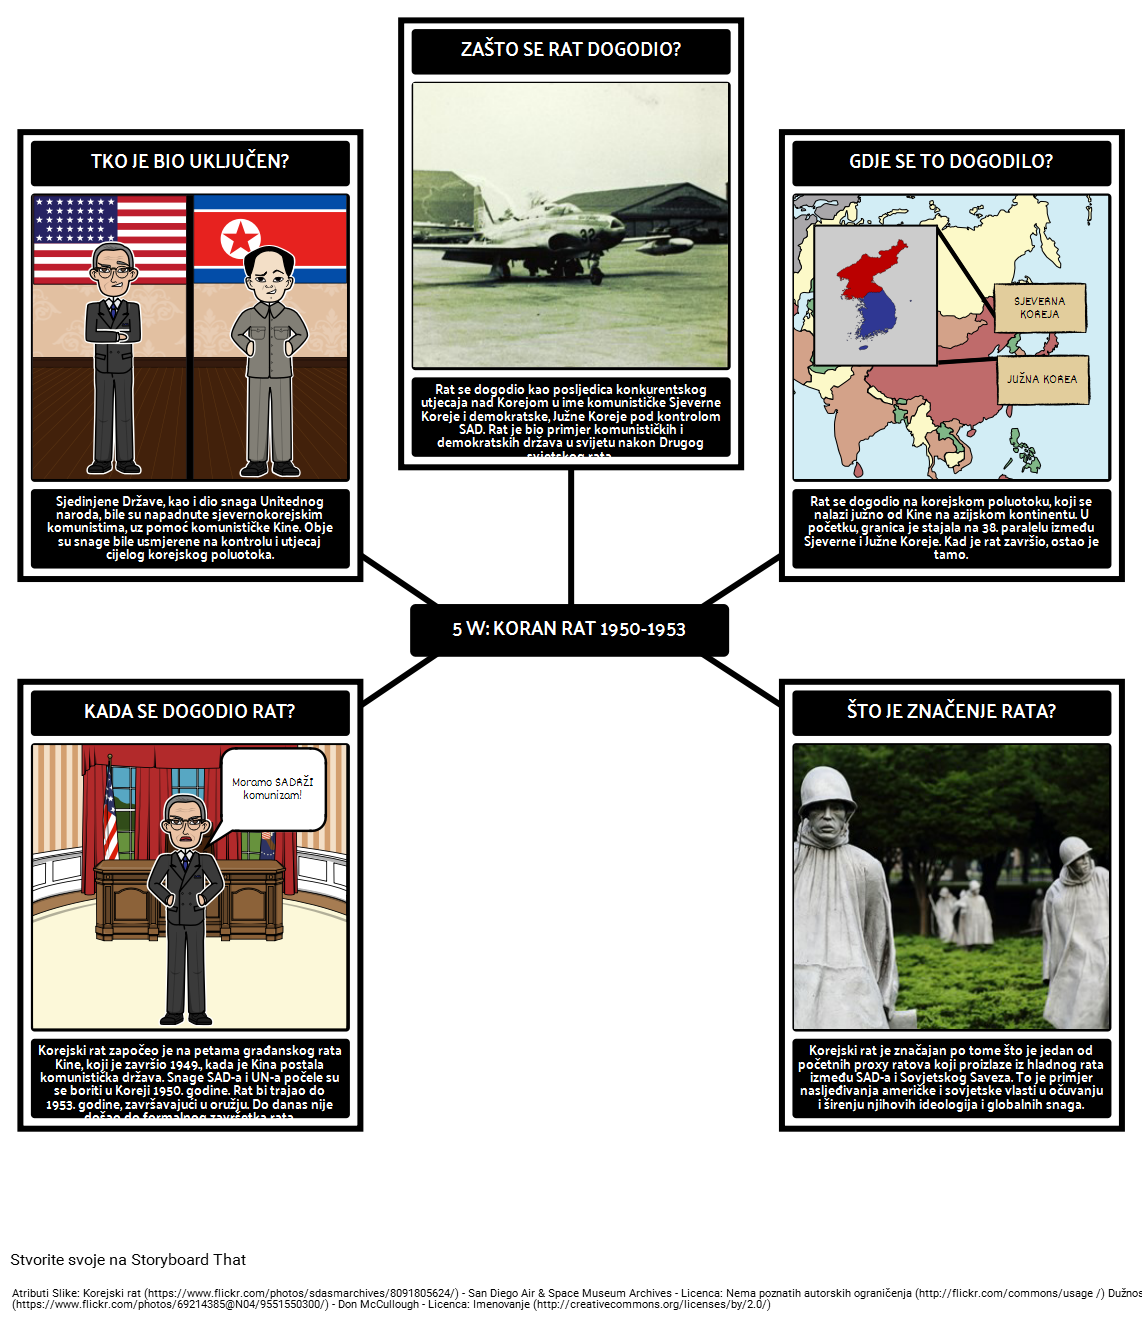 5 WS - Hladni rat - Korejski rat: 1950-1953